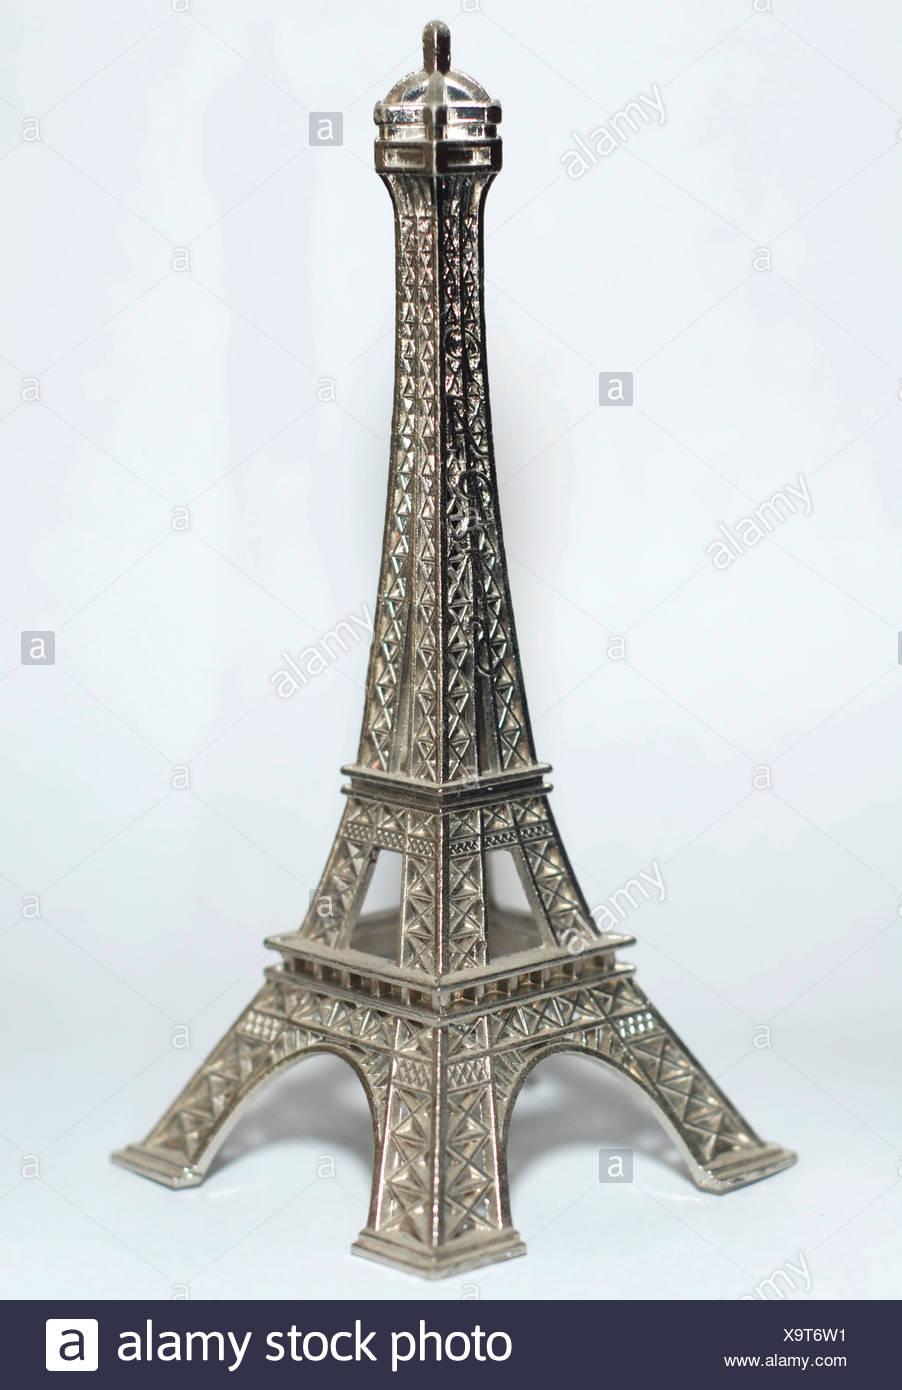 Schön Draht Eiffelturm Statue Galerie - Elektrische Schaltplan-Ideen ...